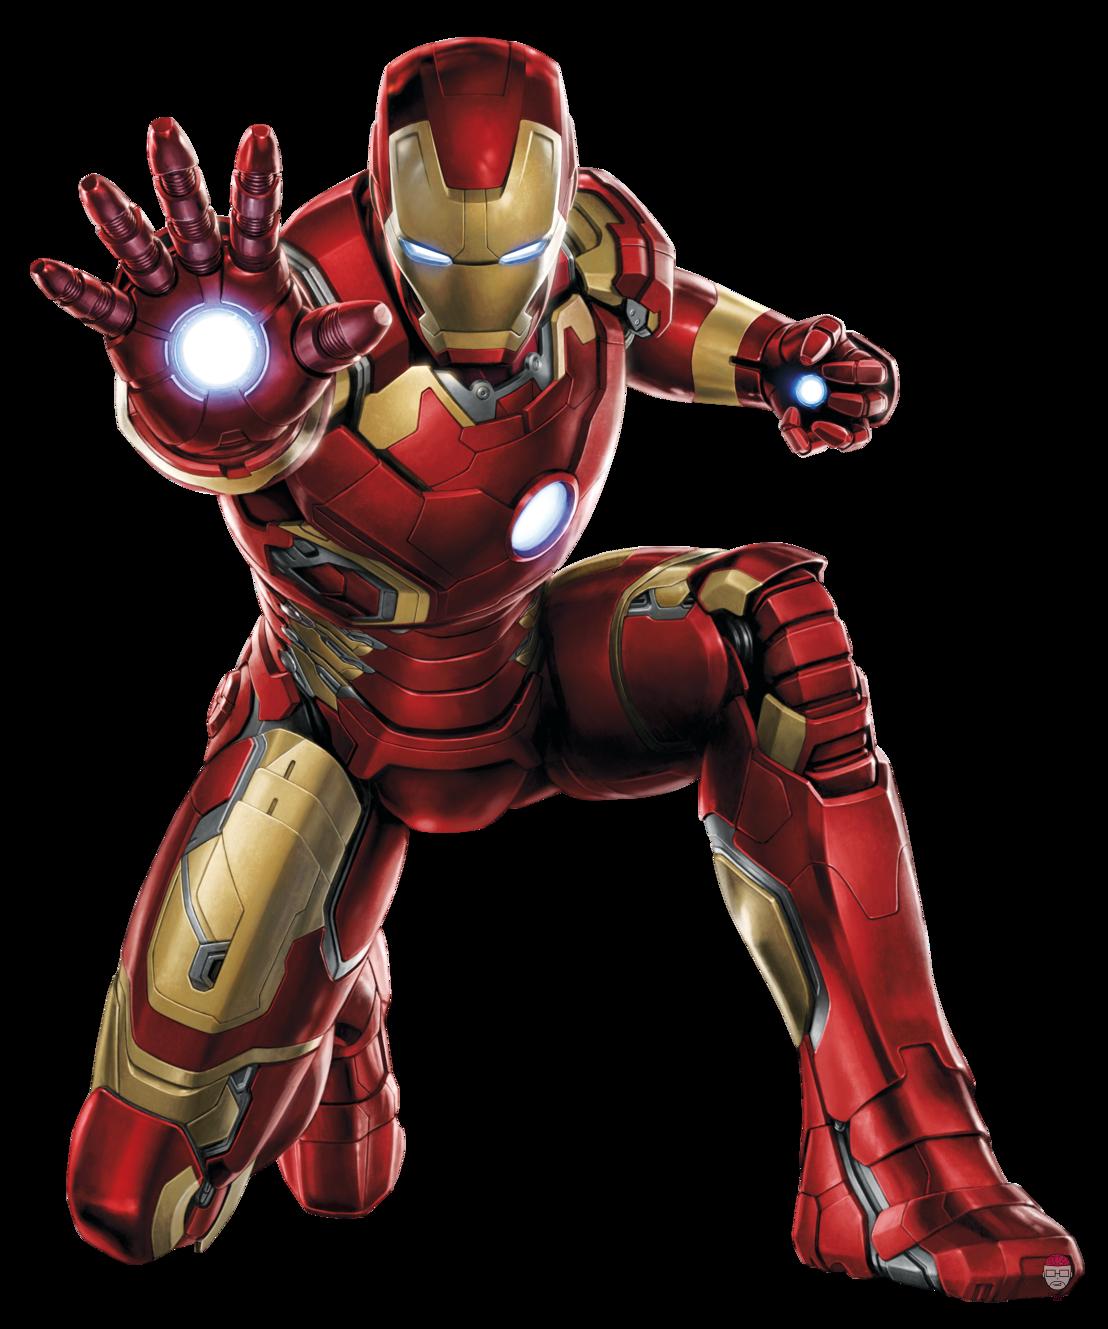 Mon super h ros moi 1 mon iron man moi braindegeek - Iron man 1 images ...